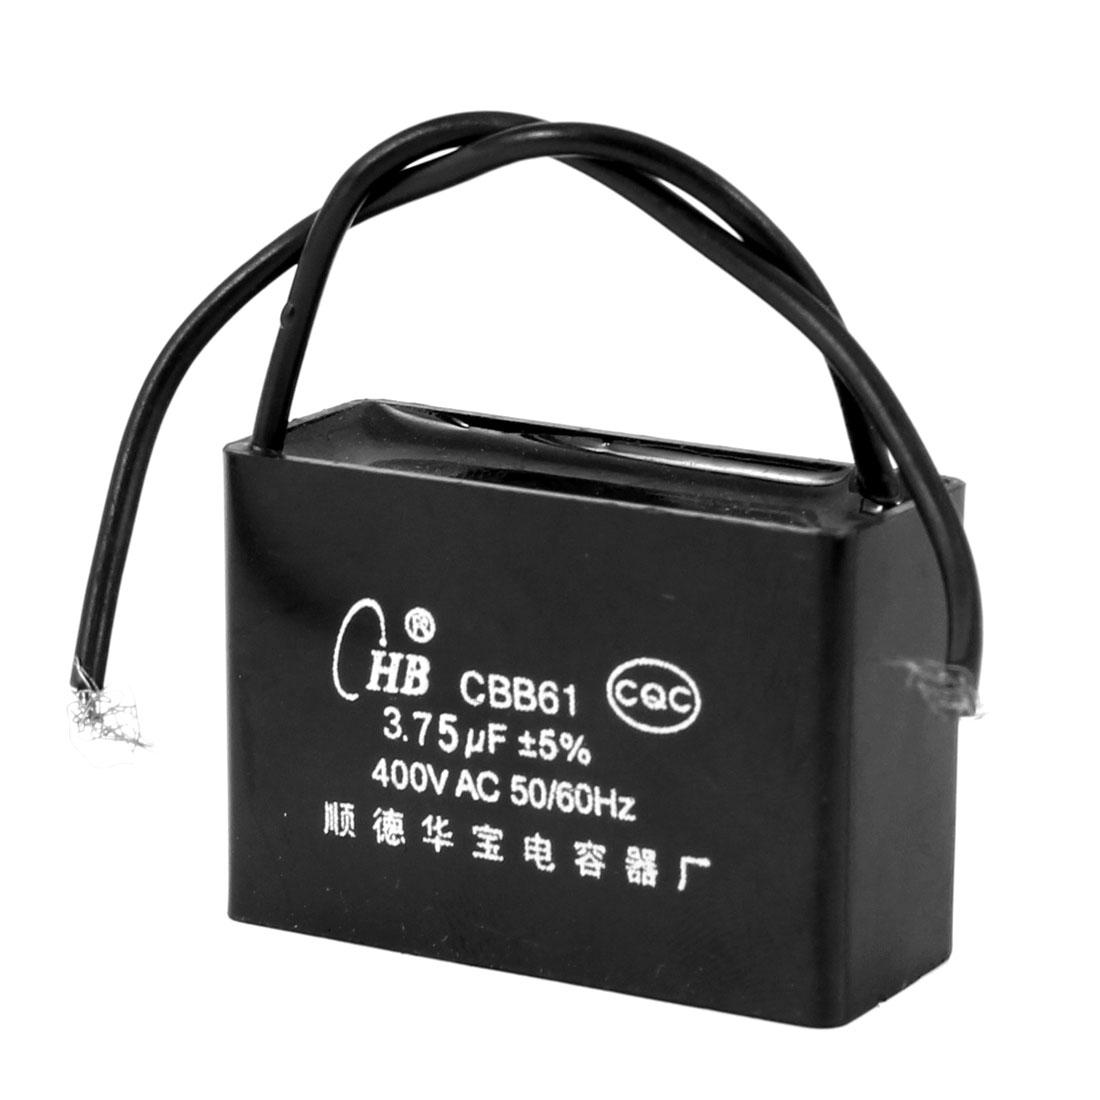 CBB61 3.75uF AC 400V Rectangle Non Polar Motor Run Capacitor